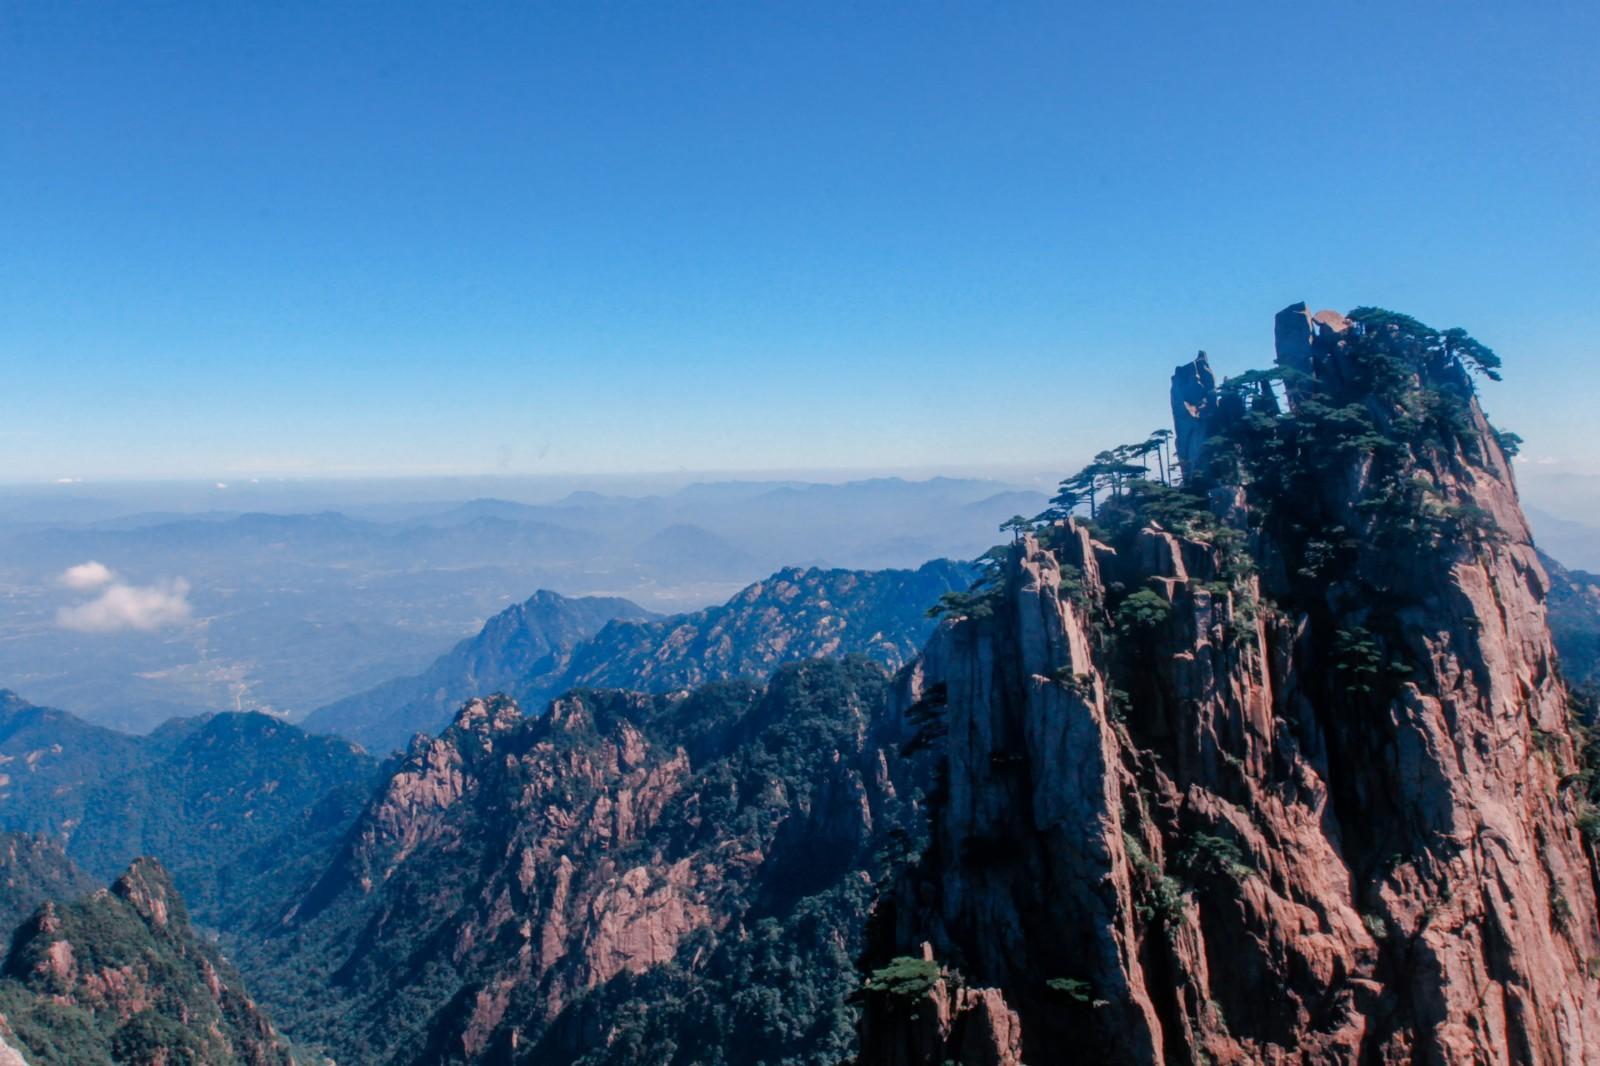 安徽A级旅游景区达到625家,5A级景区增至12家